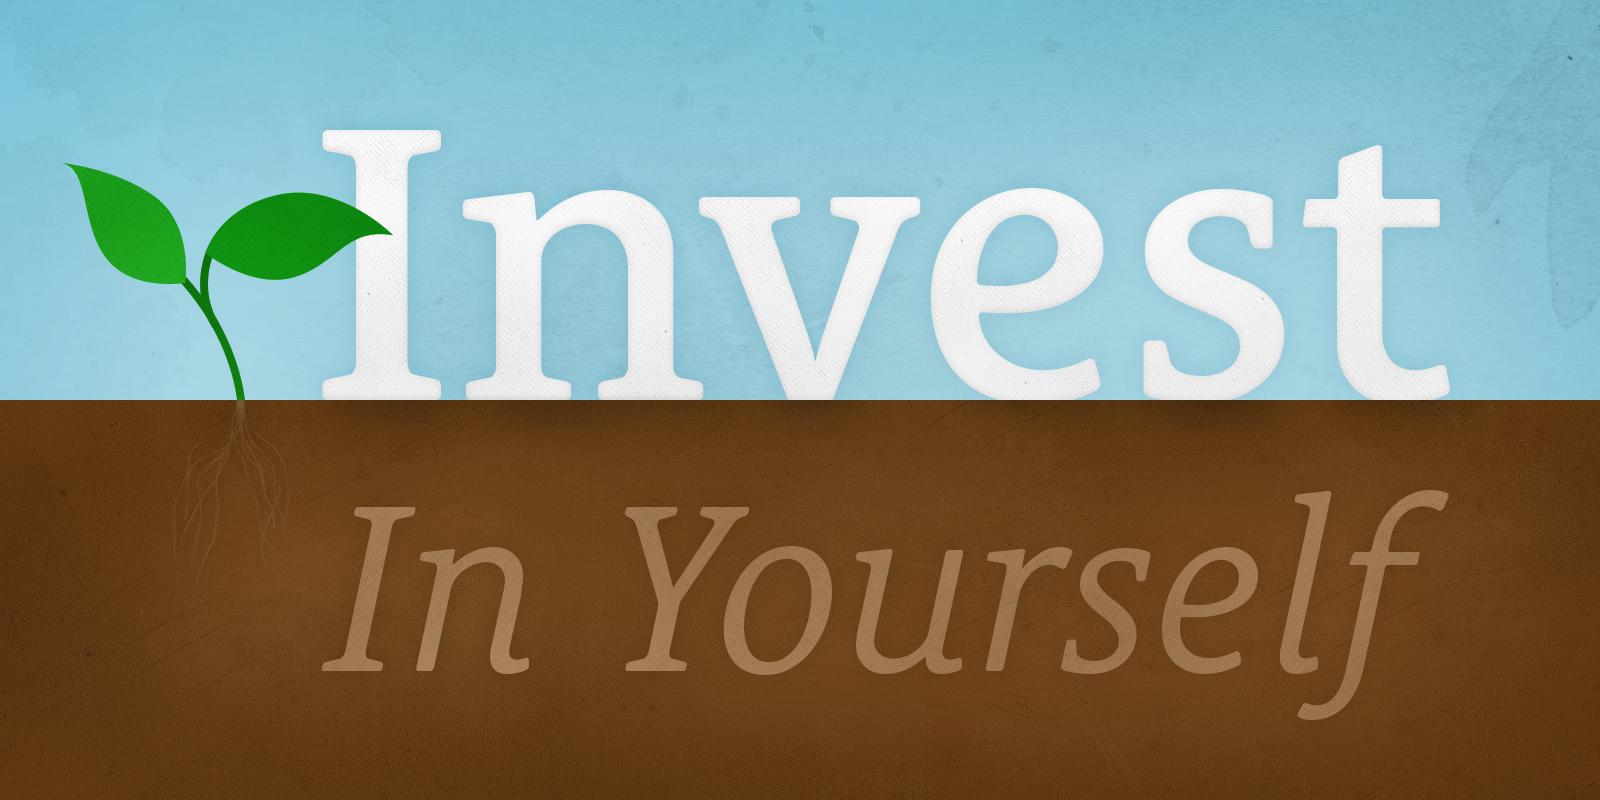 Đầu tư vào bản thân